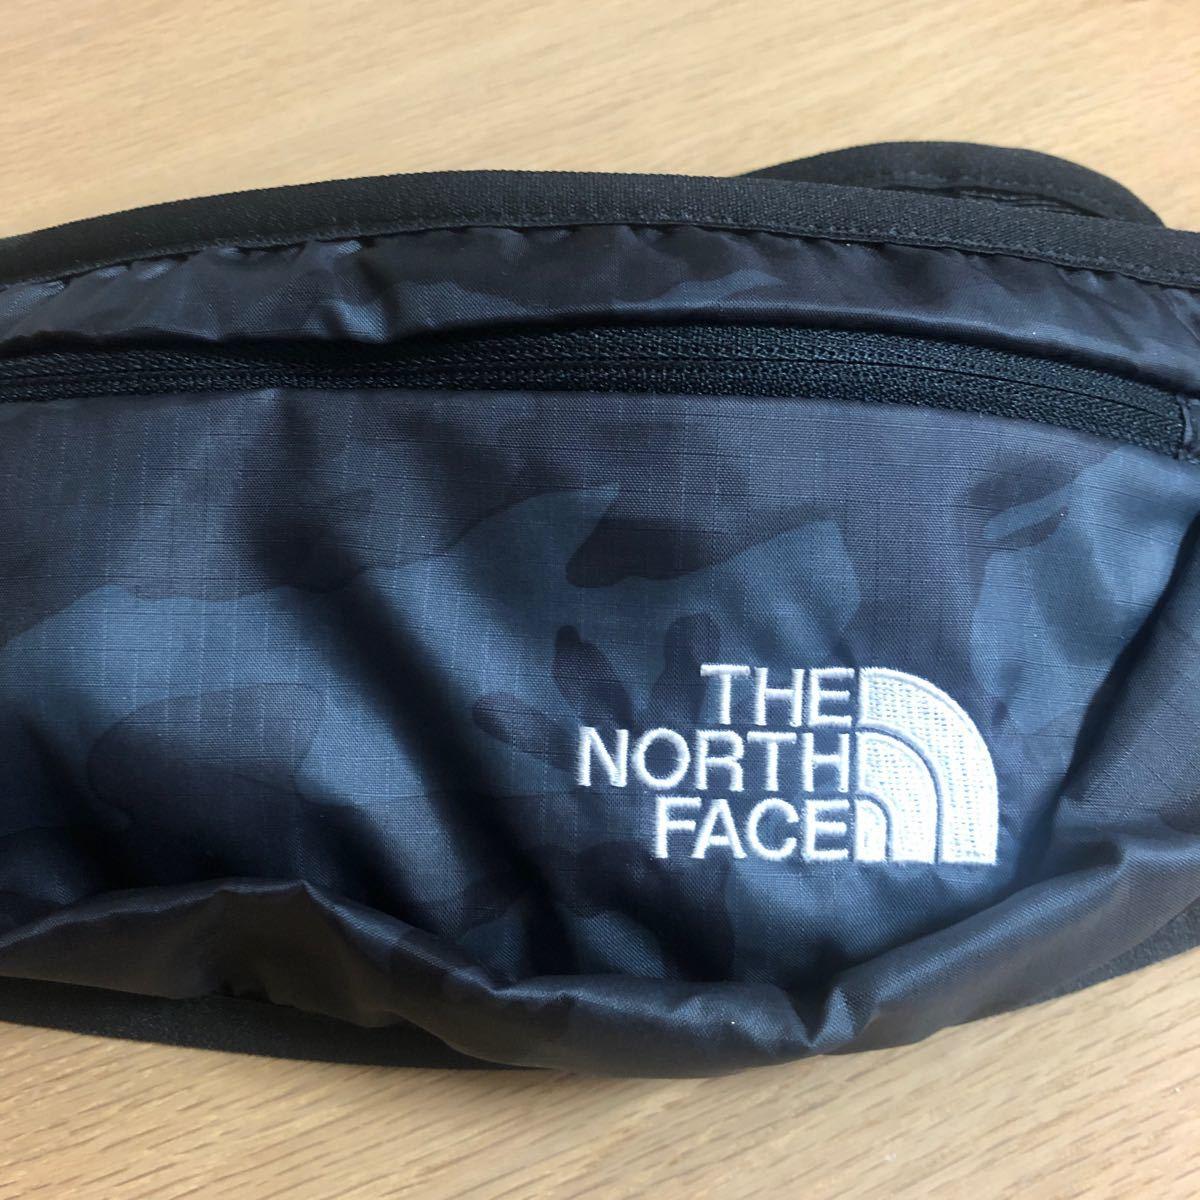 THE NORTH FACE ウエストバッグ ウエストポーチ ノベルティローランドランナー ランニング